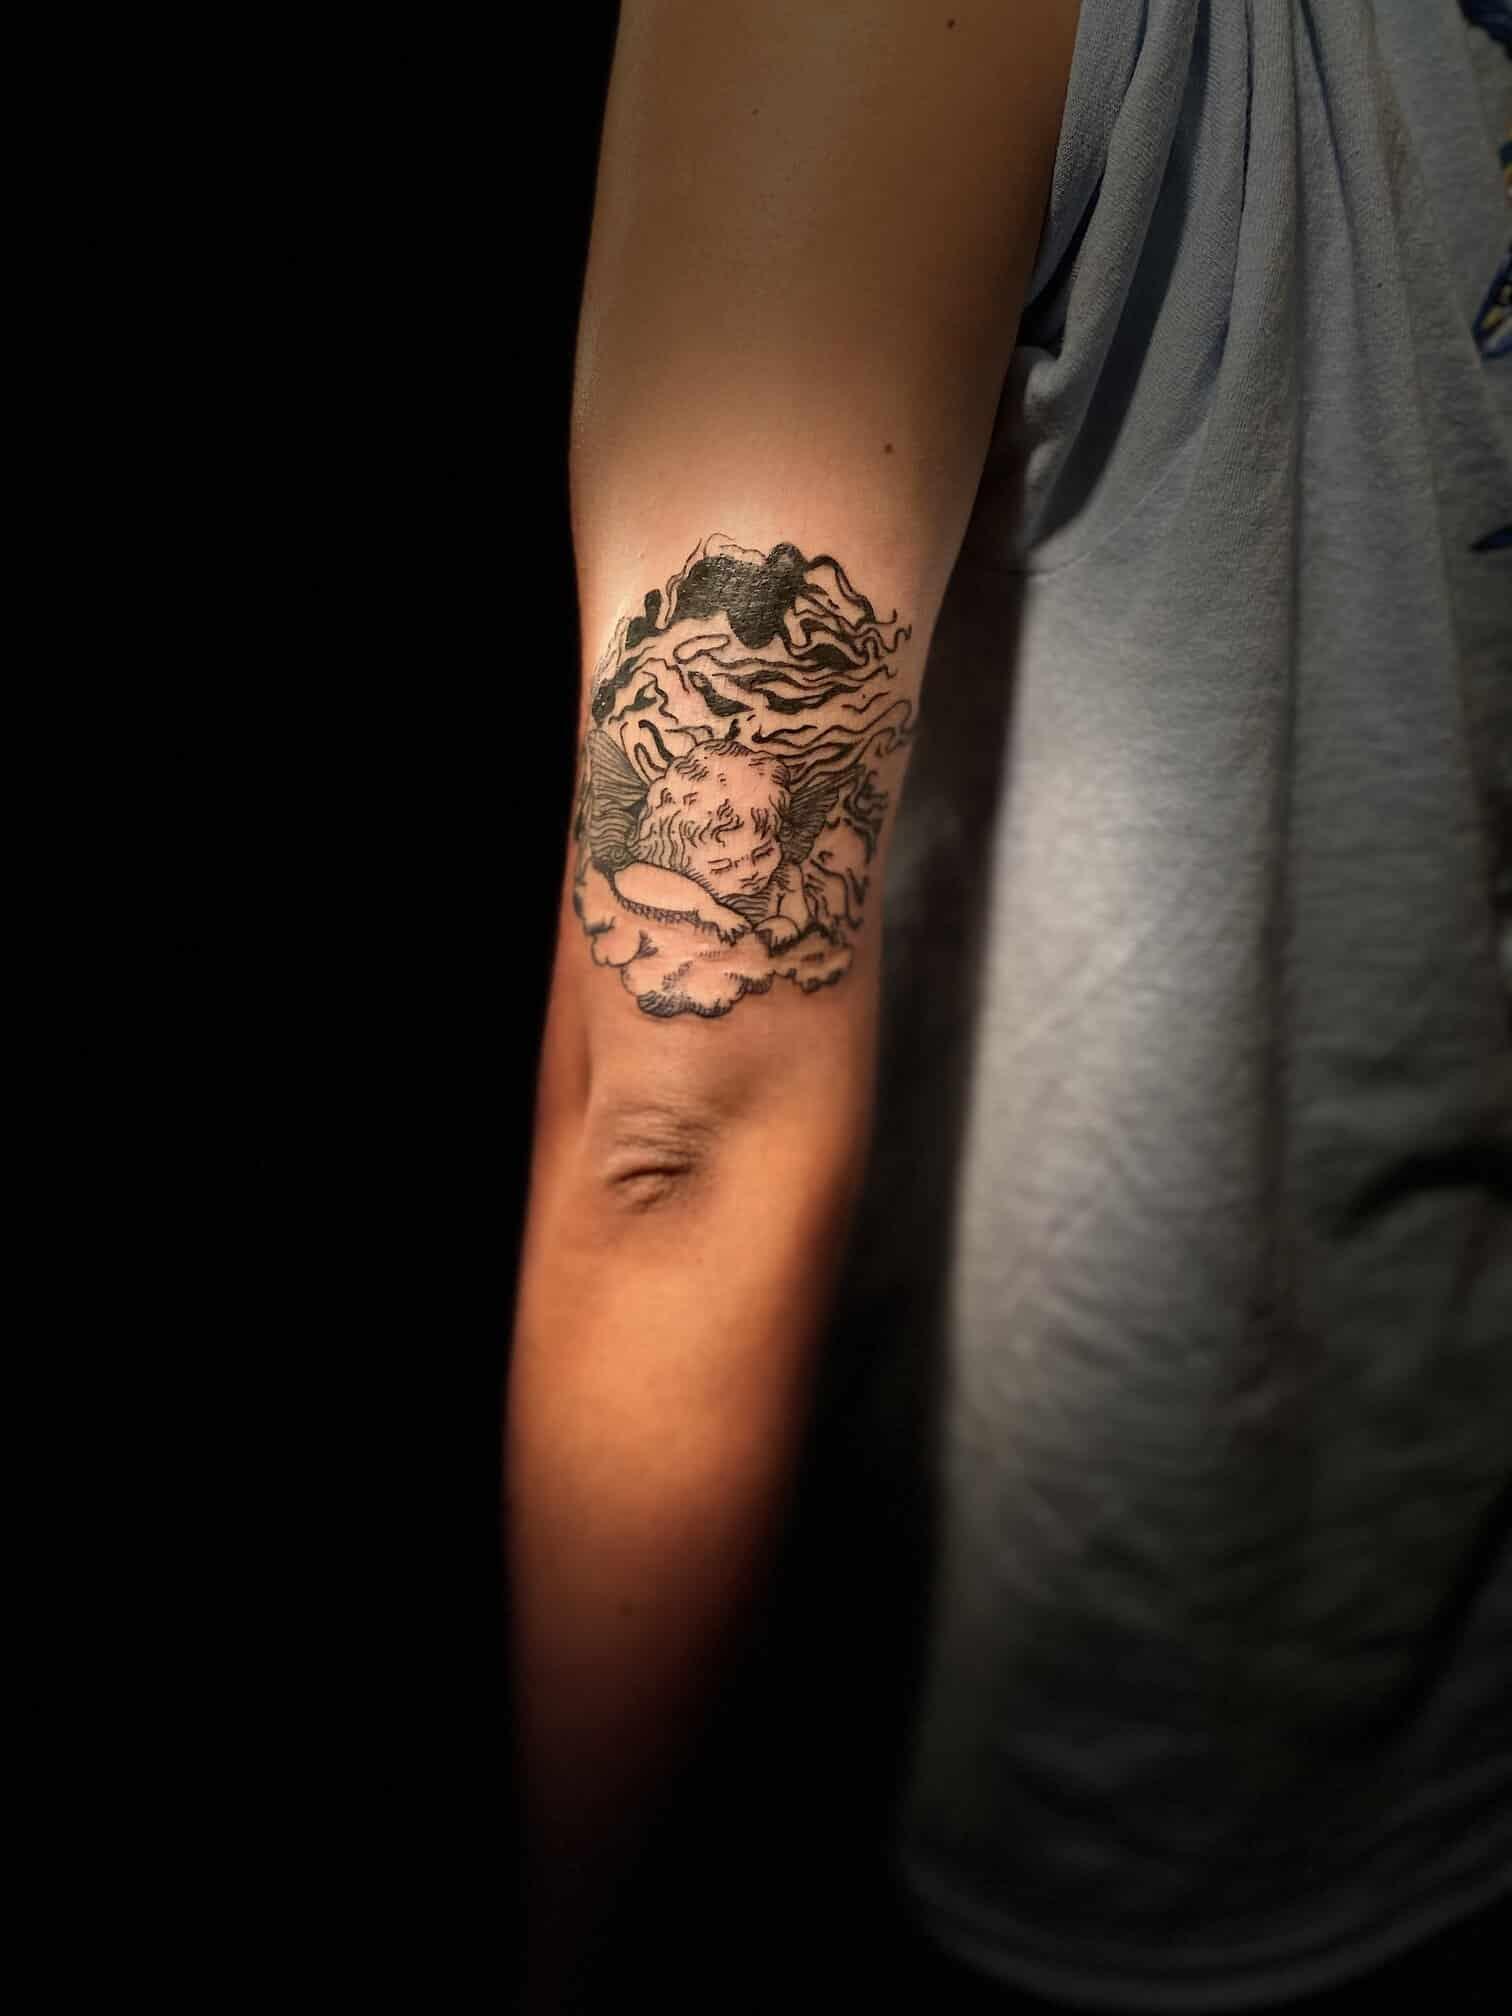 kristal-haze-tattoo-artist-angel-arm